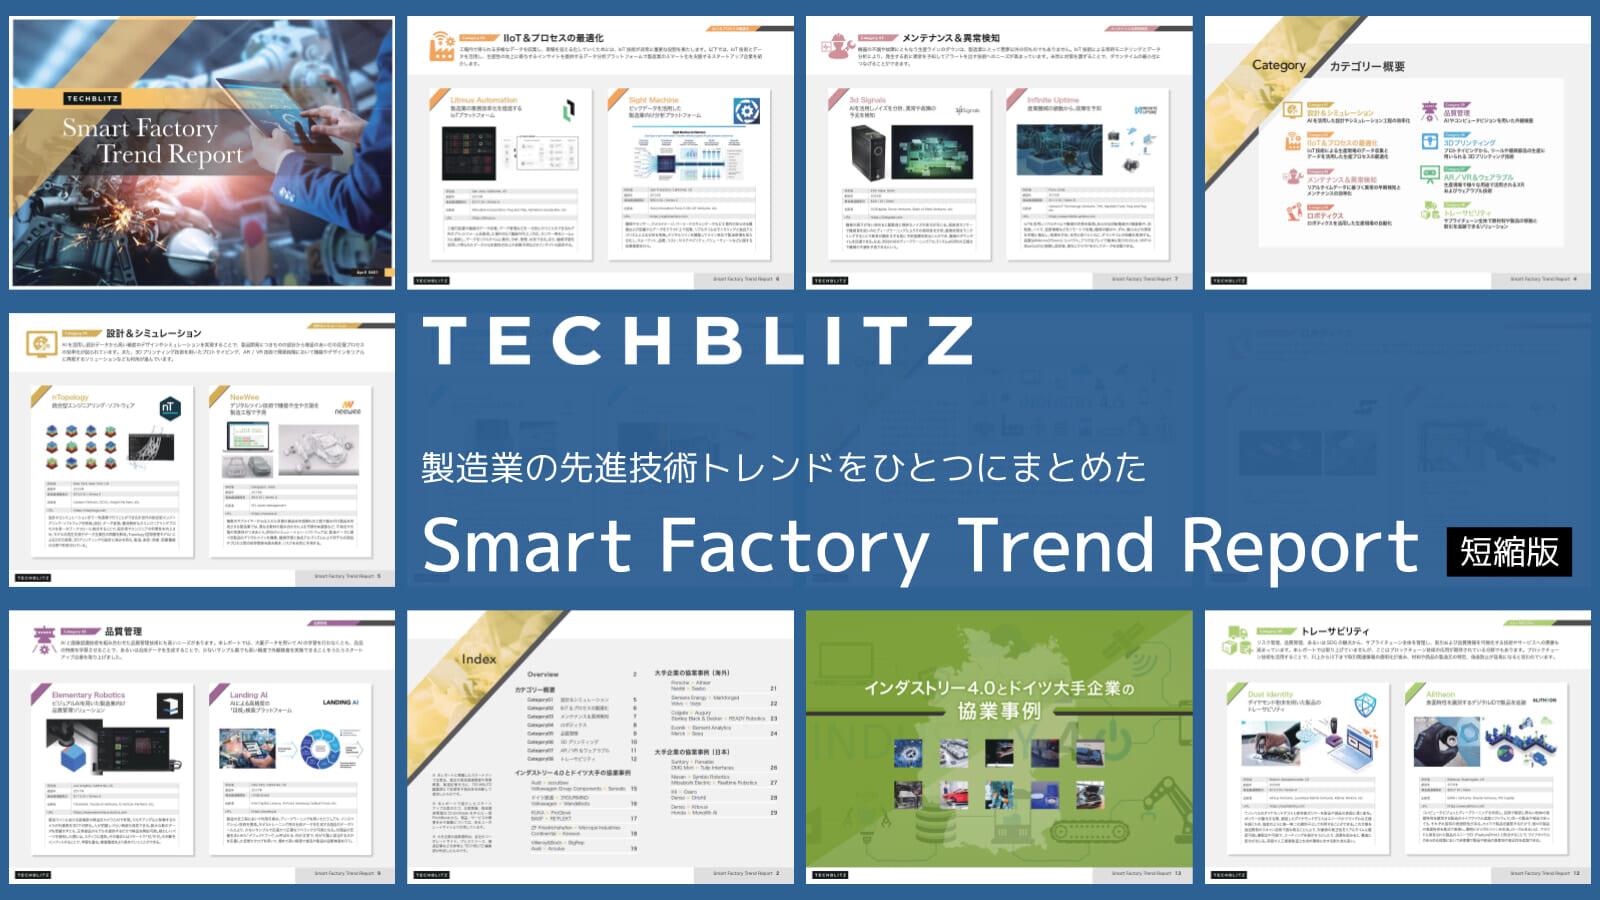 製造業の先進技術トレンドをまとめた「スマートファクトリートレンドレポート」をリリース